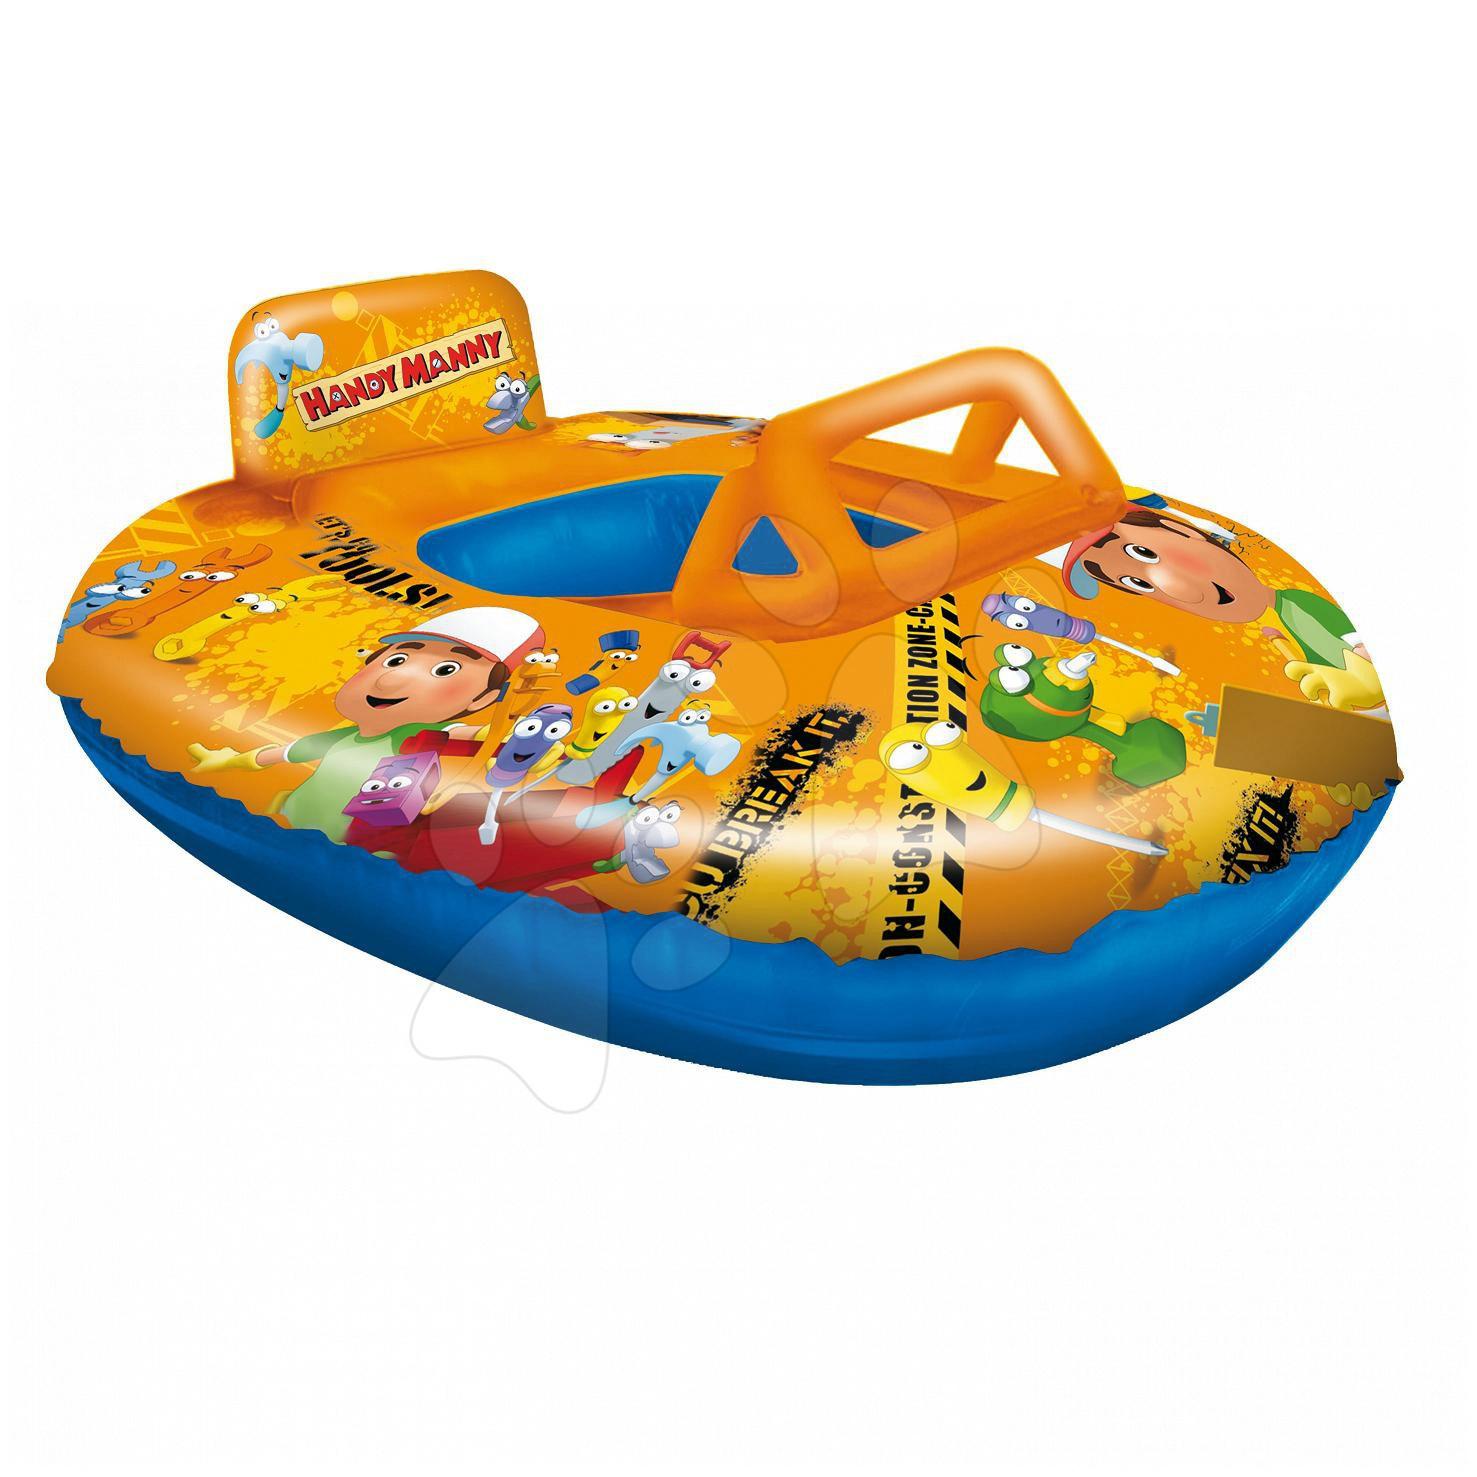 Staré položky - Nafukovací člun Handy Manny Mondo